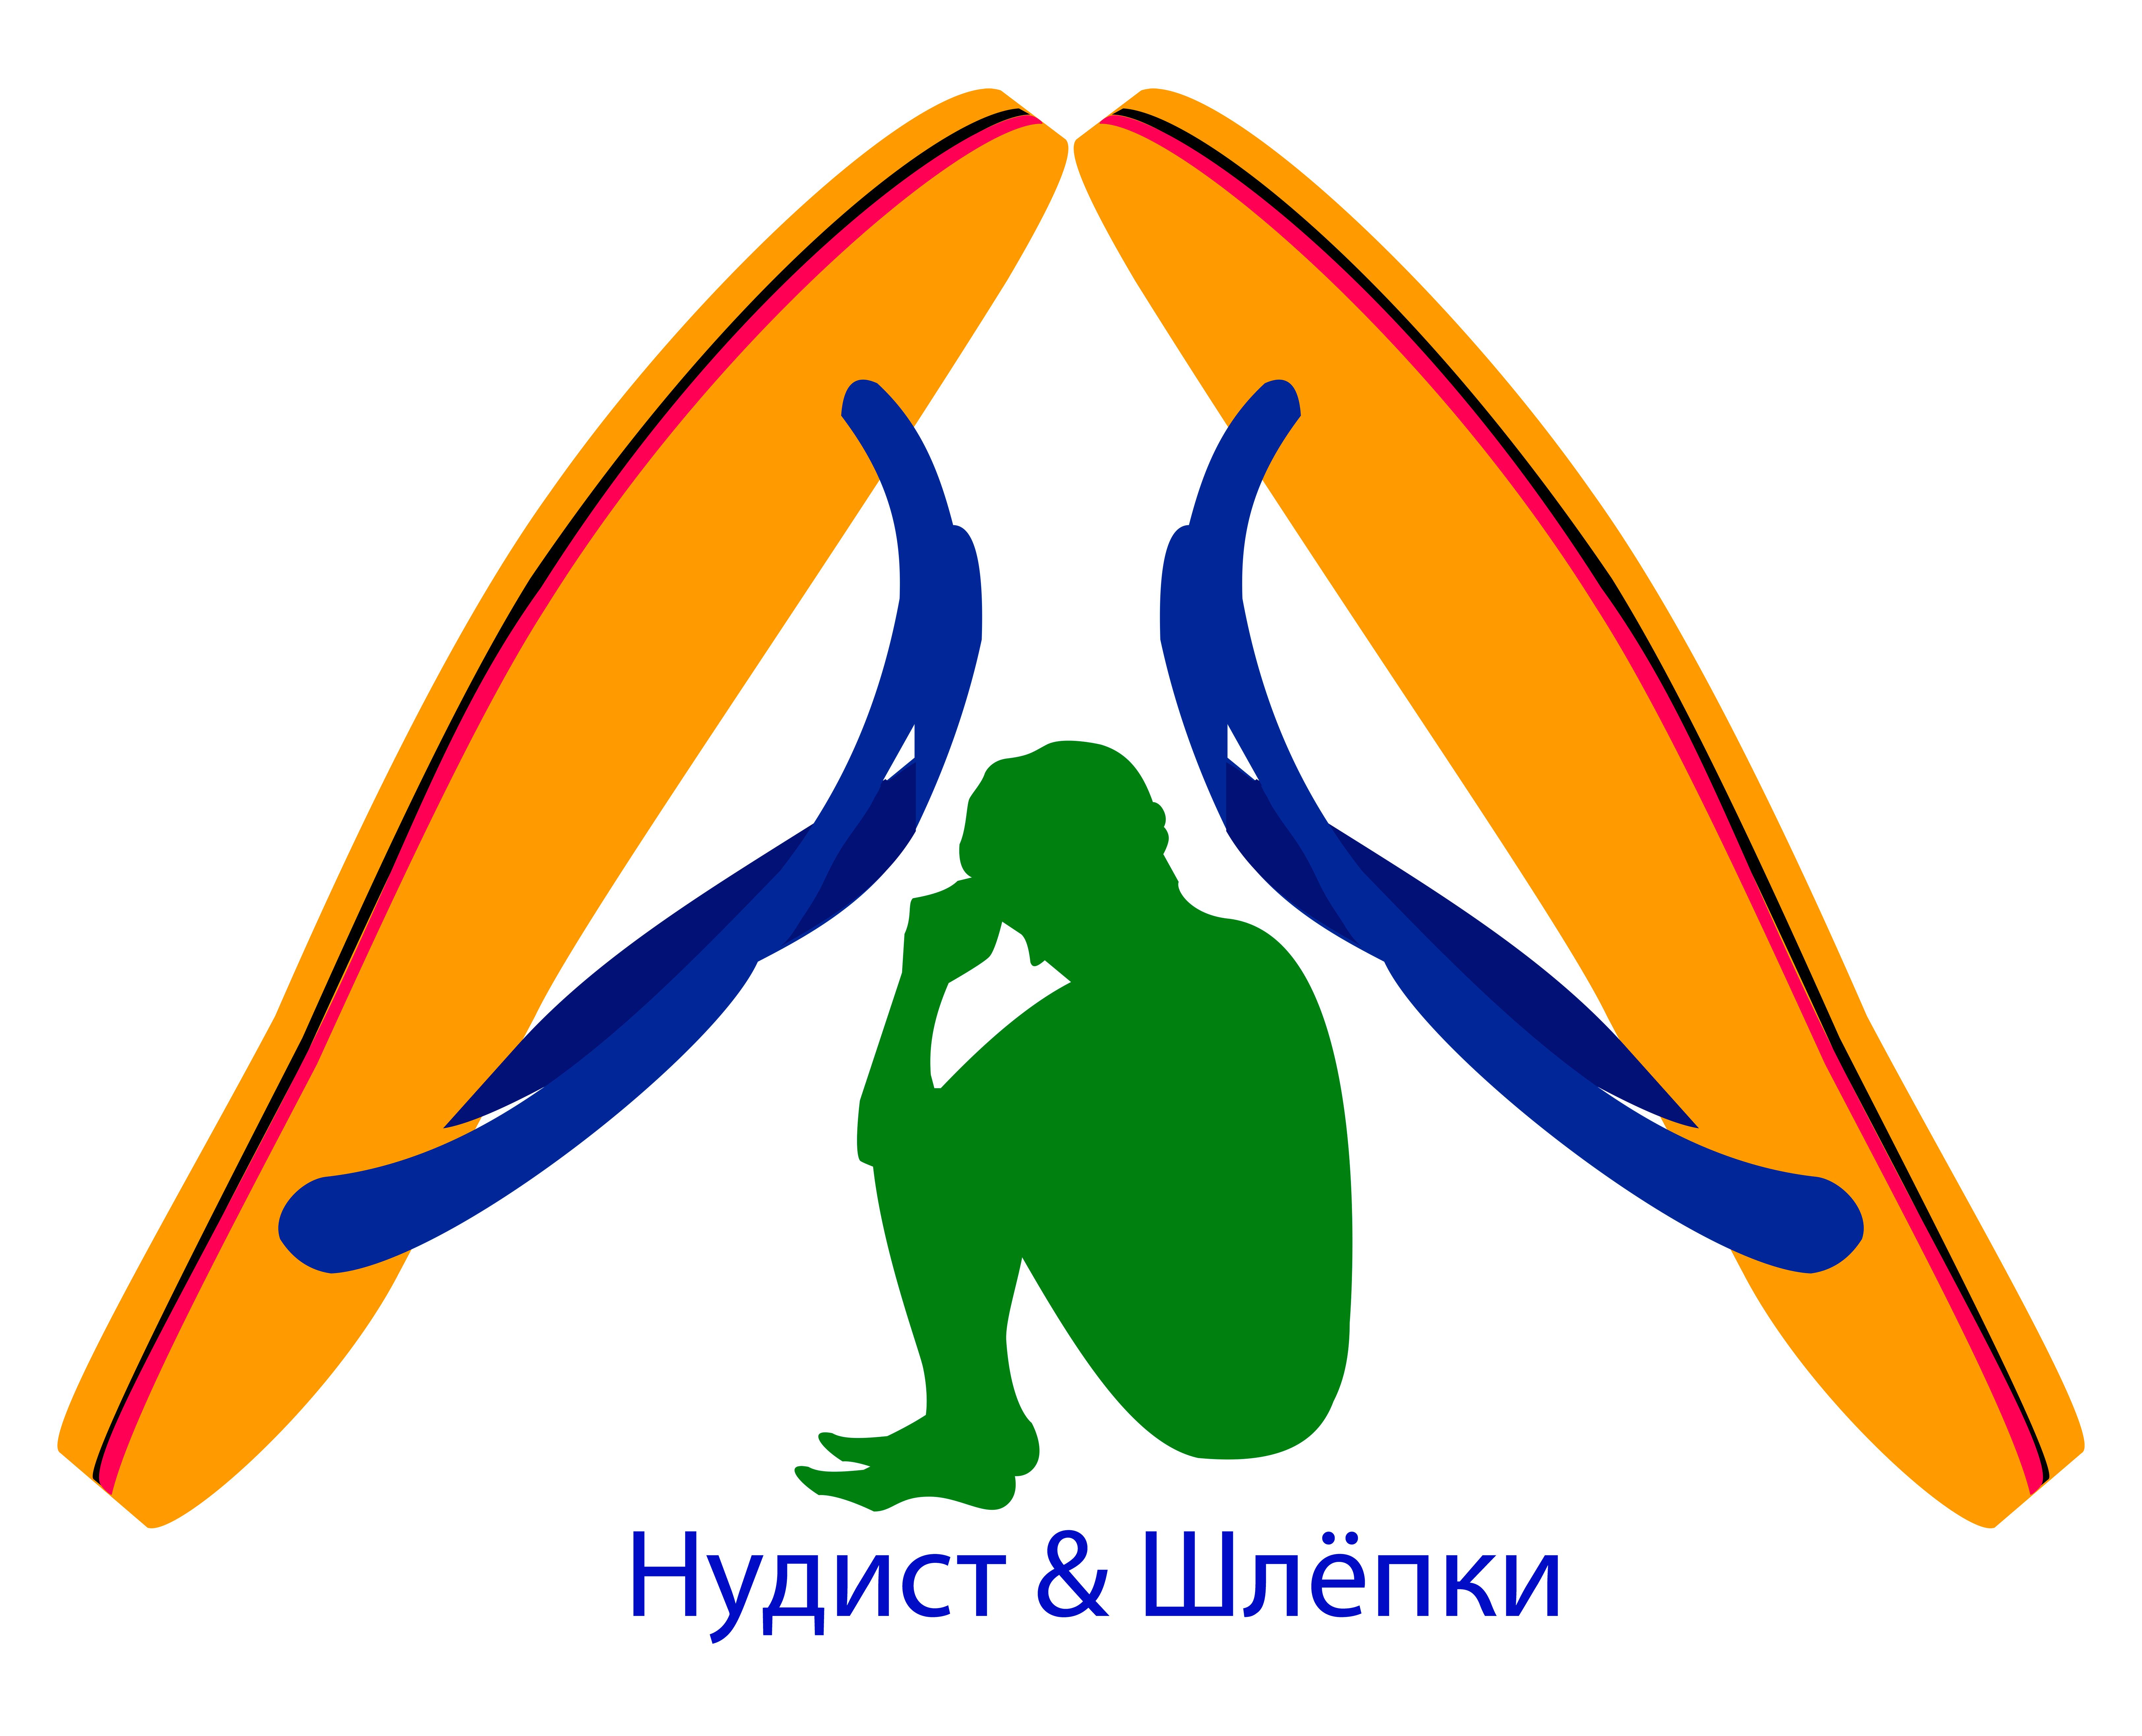 Разработать логотип и различные варианты использования его.  фото f_1655962093da7a6f.png